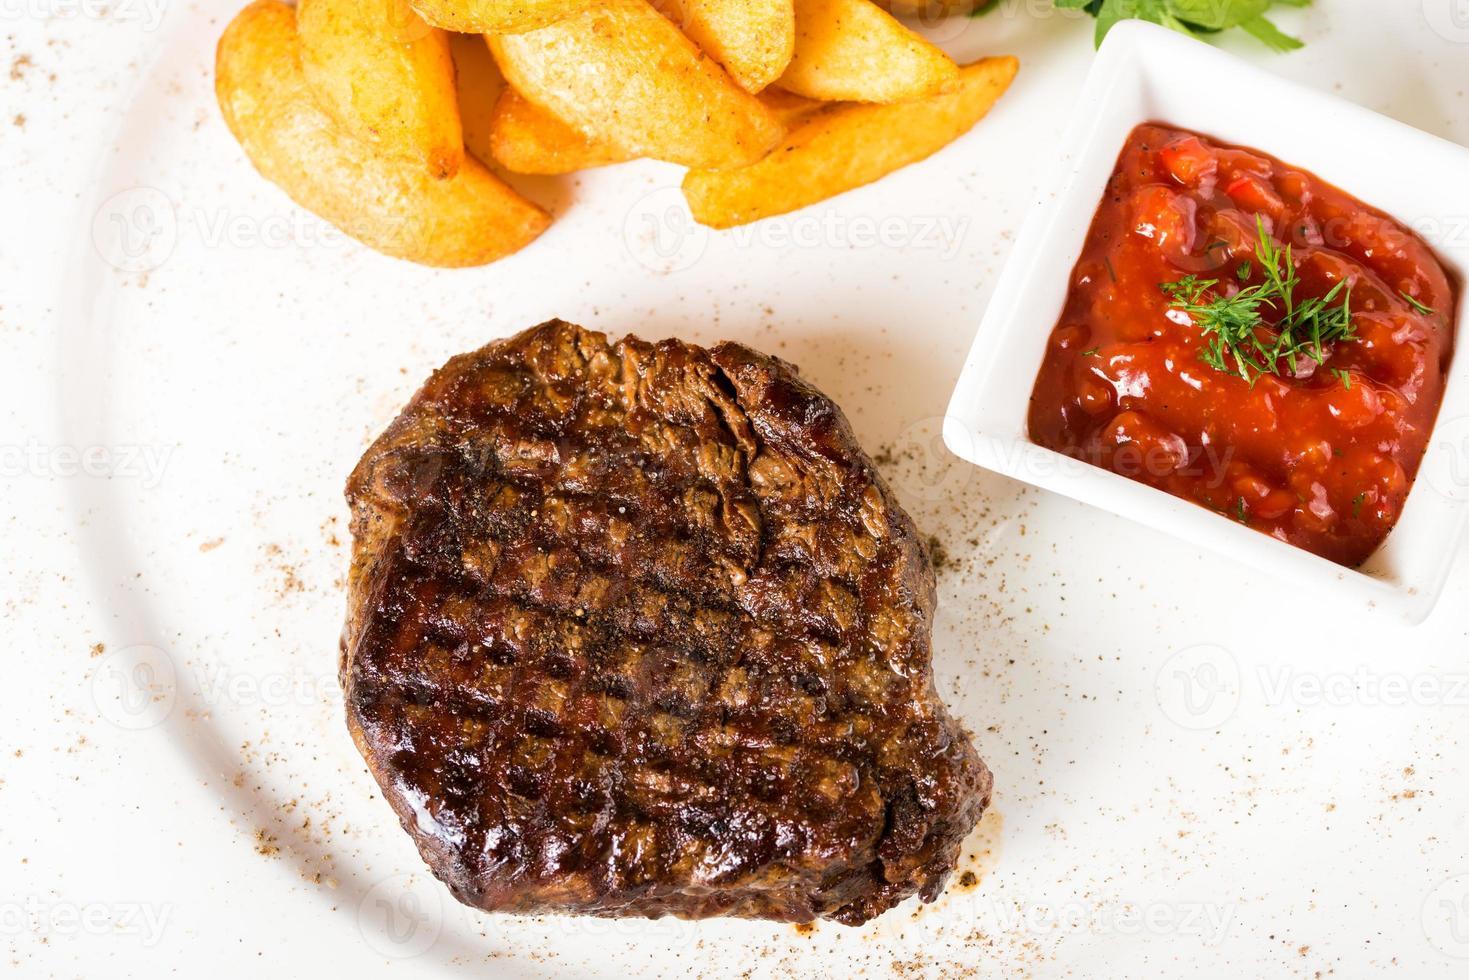 bistecca di carne con patate foto